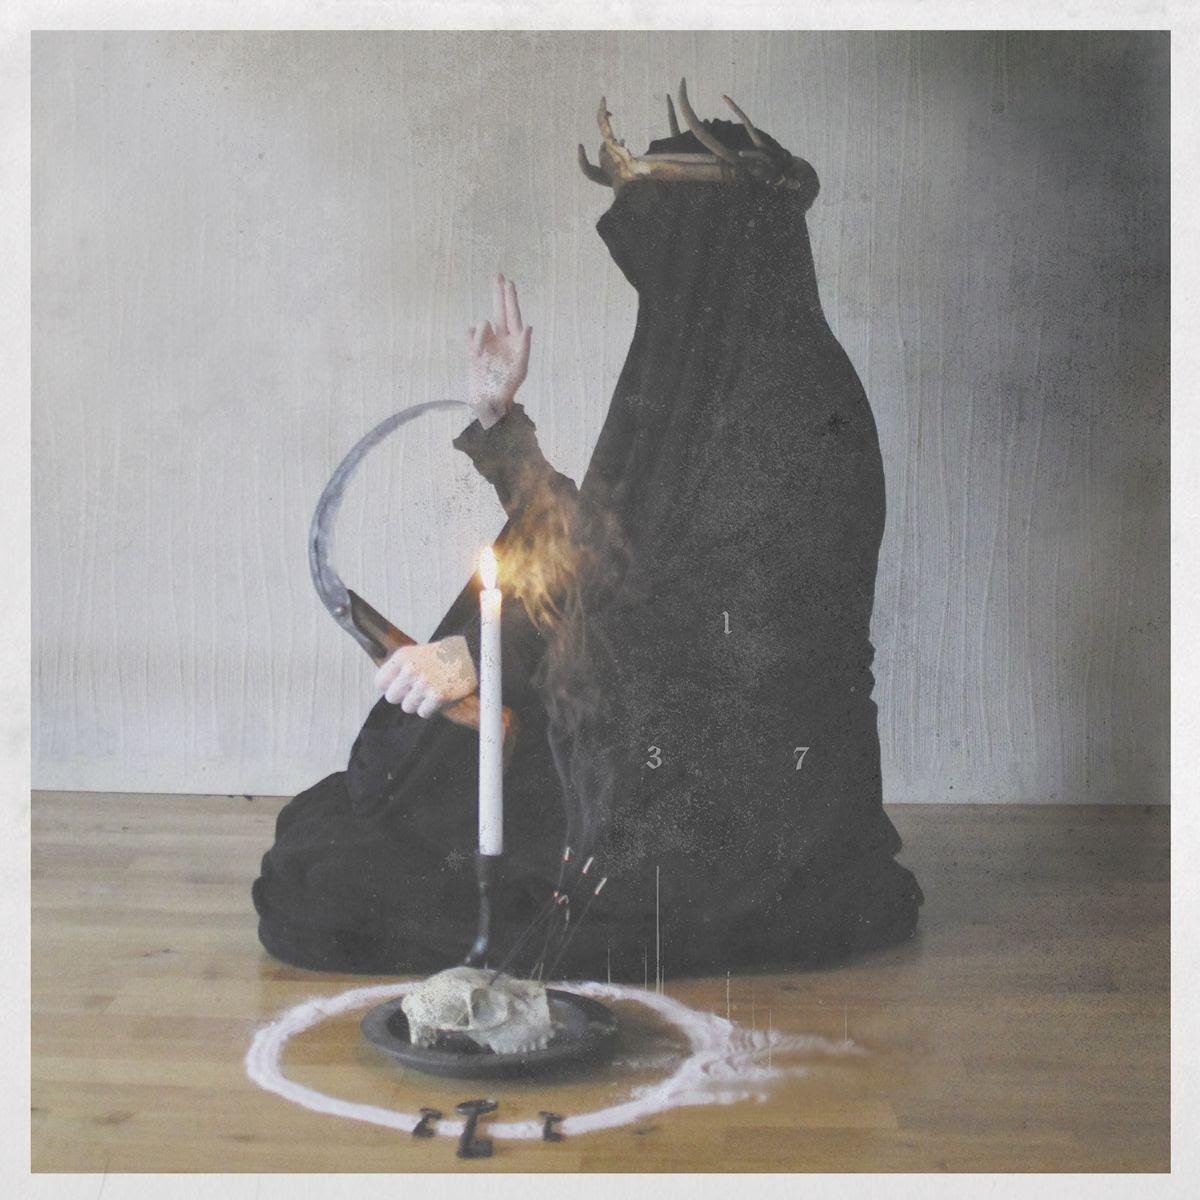 瑞典黑金 This Gift Is A Curse 發行新專輯A Throne of Ash 釋出三首新曲 1